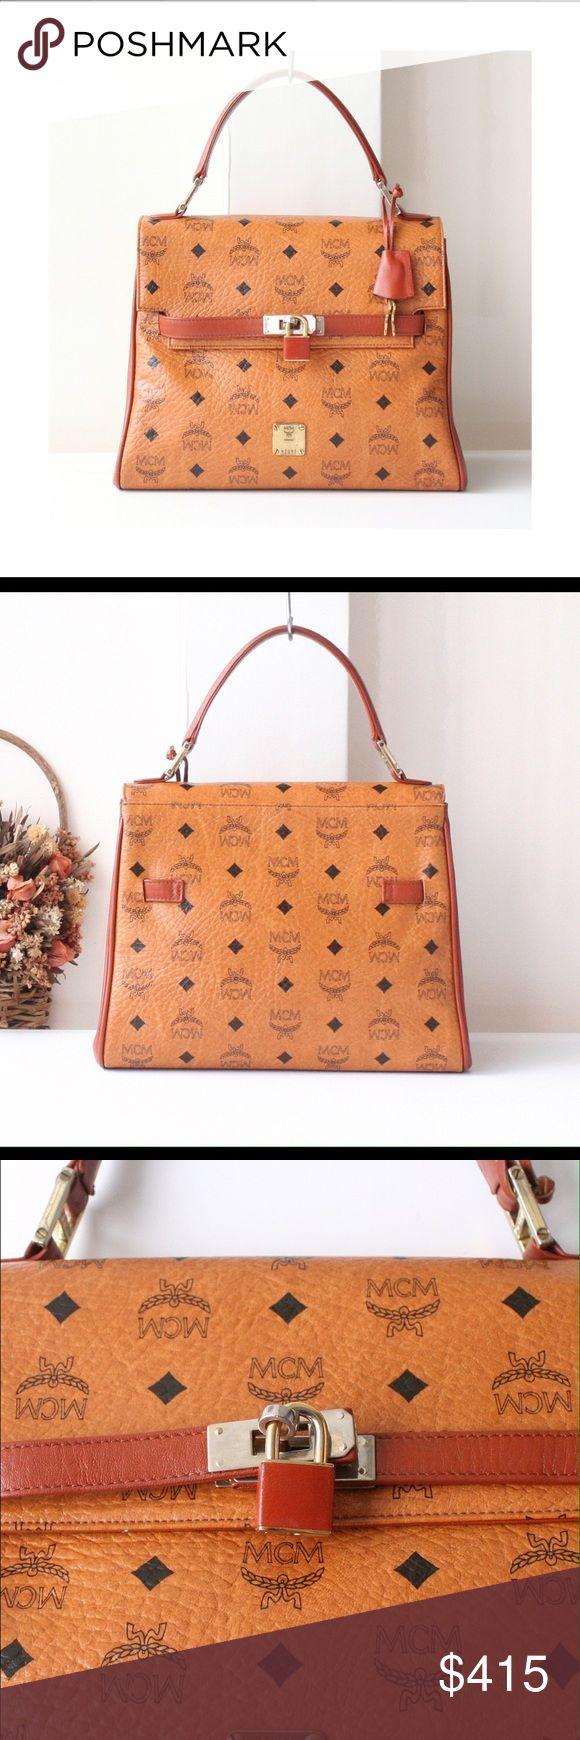 MCM Visetos Cognac Vintage Kelly Tote Handbag Brand New 100% Authentic MCM Bag Visetos Cognac Germany Brown Vintage Authentic Tote Kelly Handbag Purse MCM Bags Totes